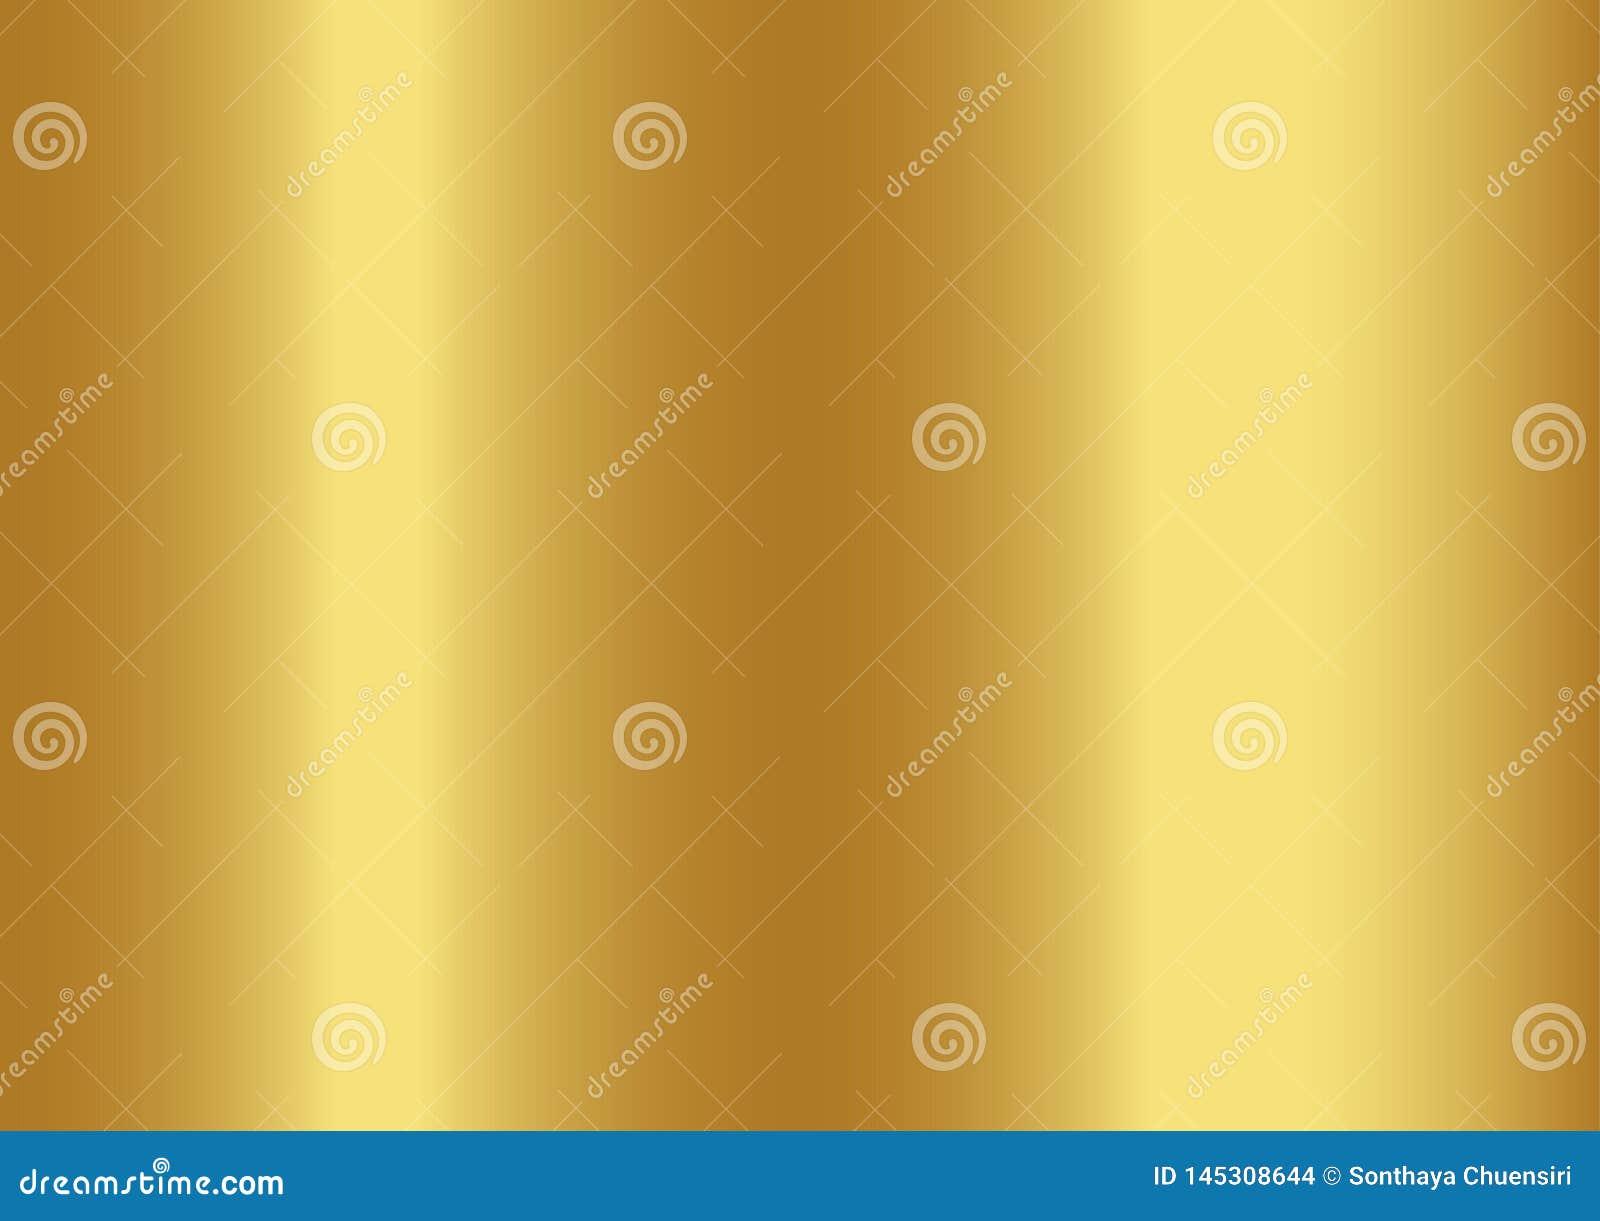 Gouden kleuren abstracte achtergrond, vectorillustraties